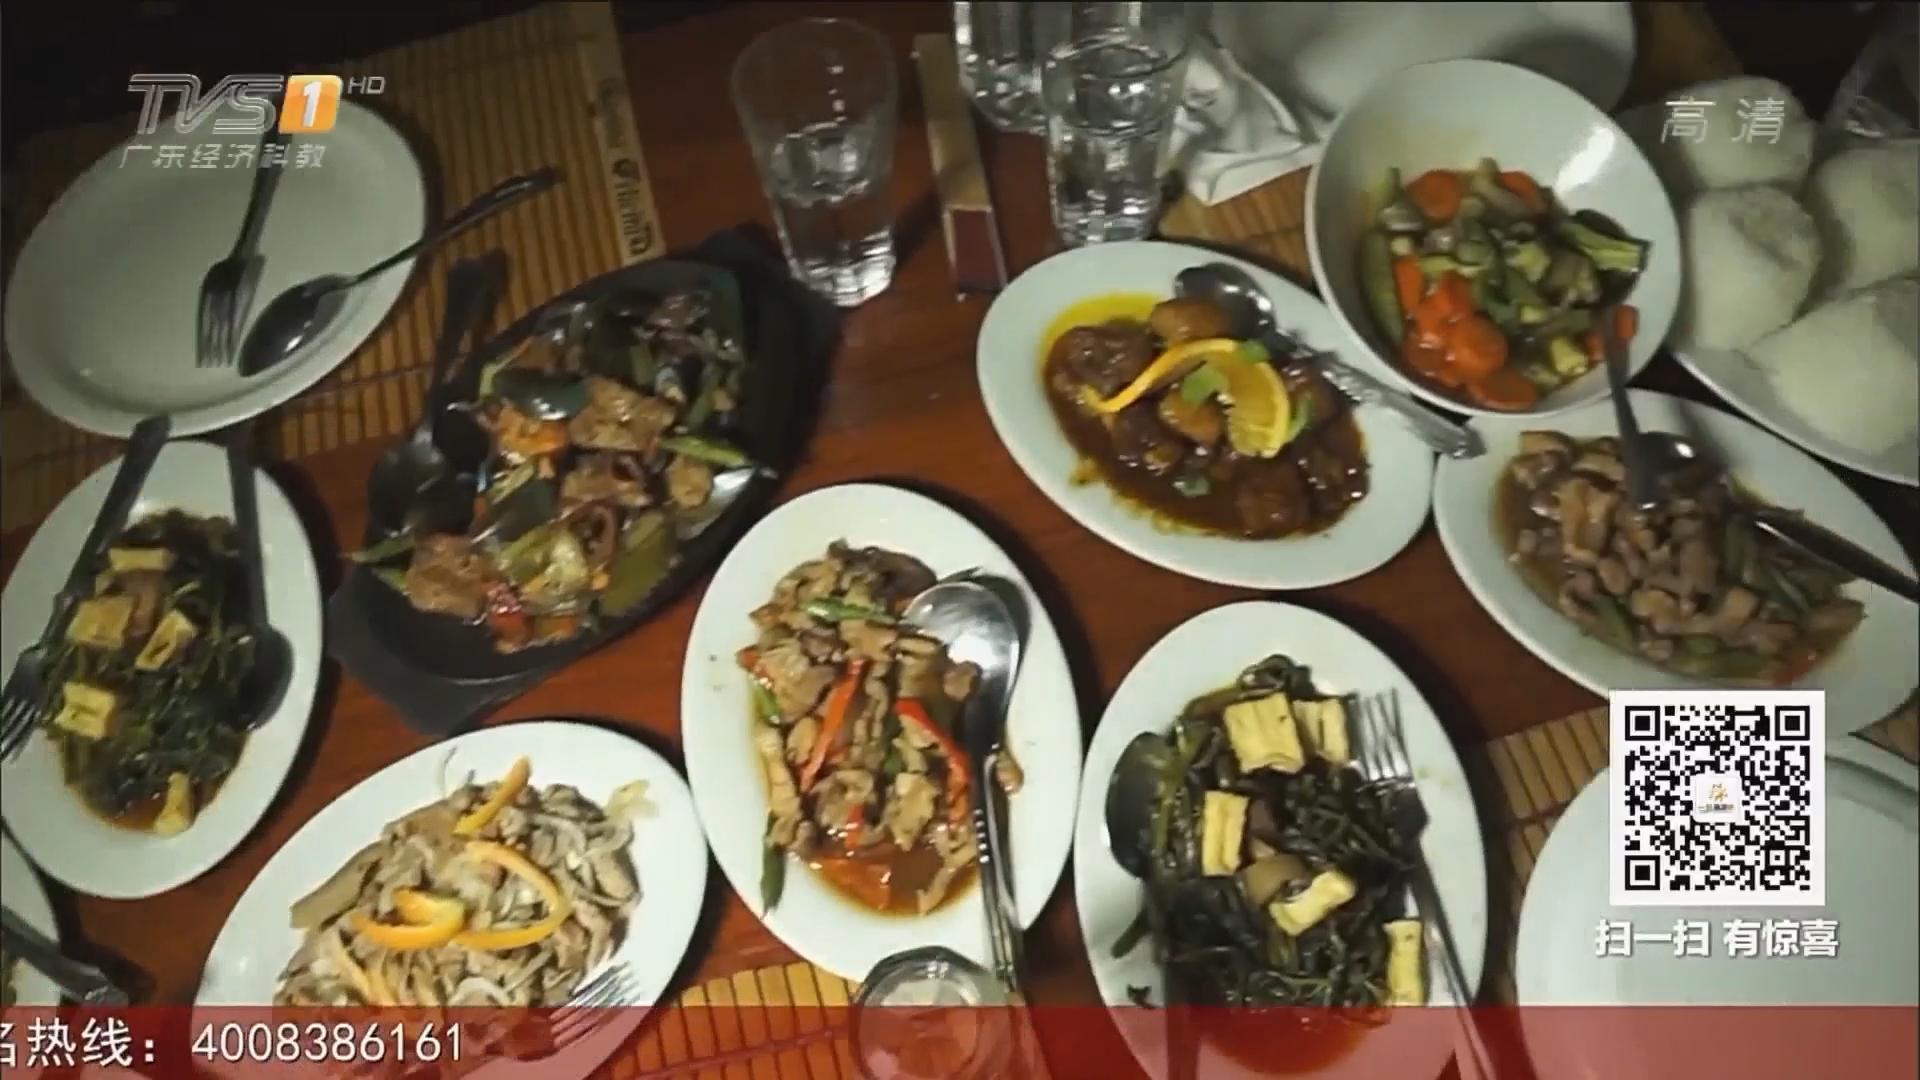 菲律宾——维甘私房菜